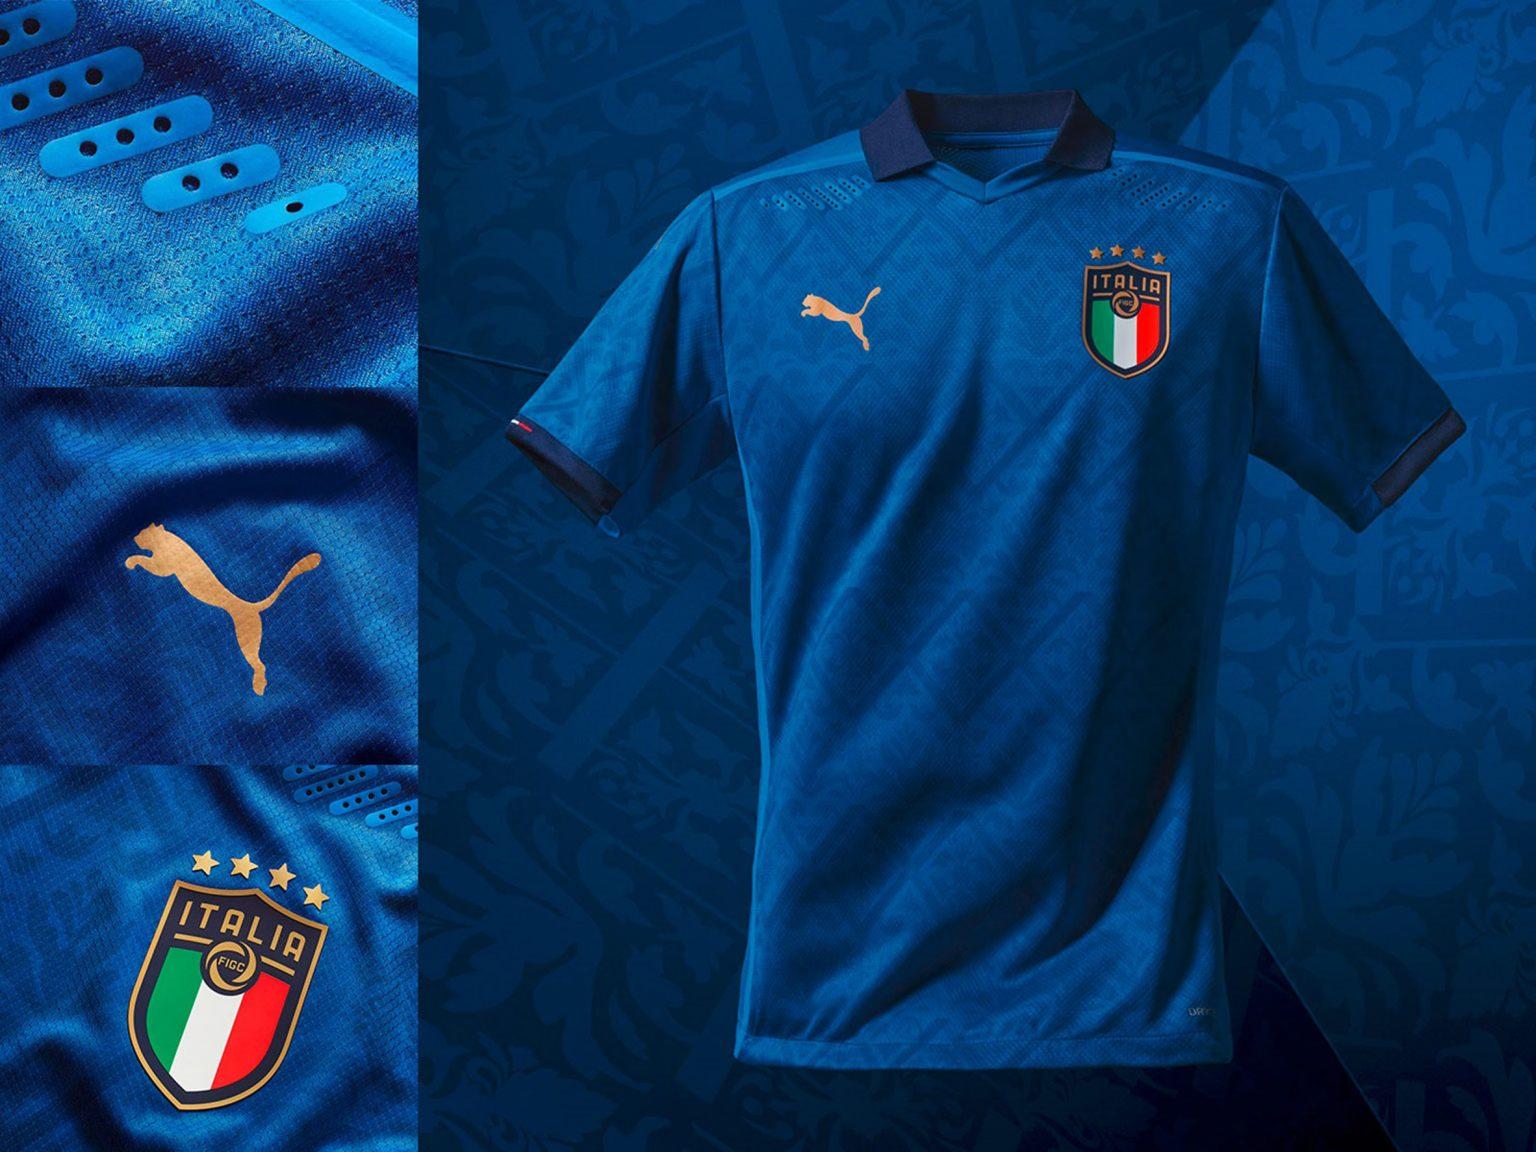 Lọt danh sách hững chiếc áo thi đấu bóng đá cực đẹp mùa giải EURO 2020, áo đấu của tuyển Ý đột phá bằng những họa tiết mô phỏng thời kỳ phục hưng trong quá khứ thành một đồ họa hình học hiện đại, kết hợp hài hòa với áo đấu màu xanh lam gợi nhớ ảnh hưởng của Ý đối với văn hóa thế giới và bóng đá. Đồng thời, mẫu áo này cũng khẳng định sự quyết tâm của tuyển Ý trong hành trình sau nhiều kỳ Euro không thành công.